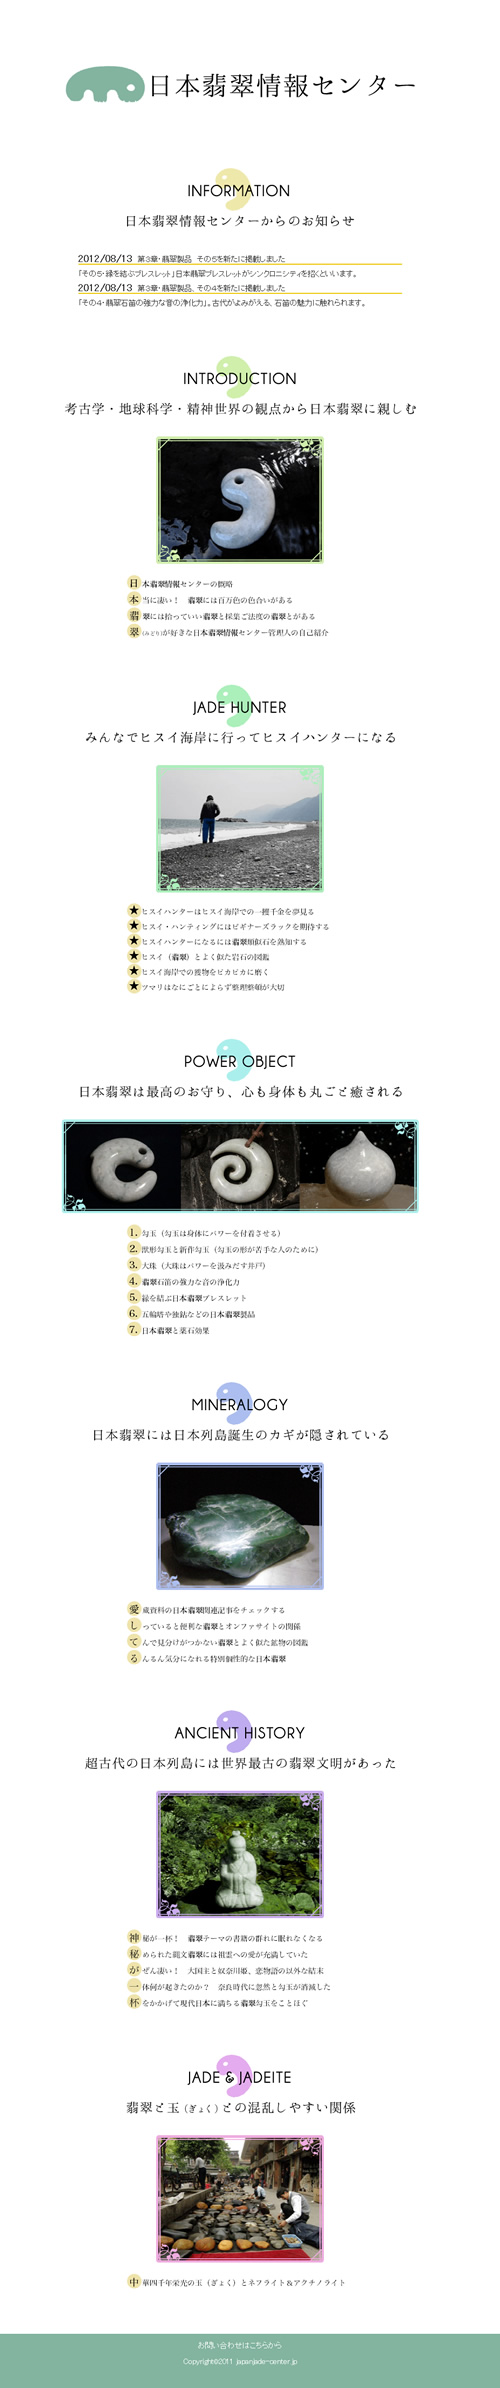 日本翡翠情報センター